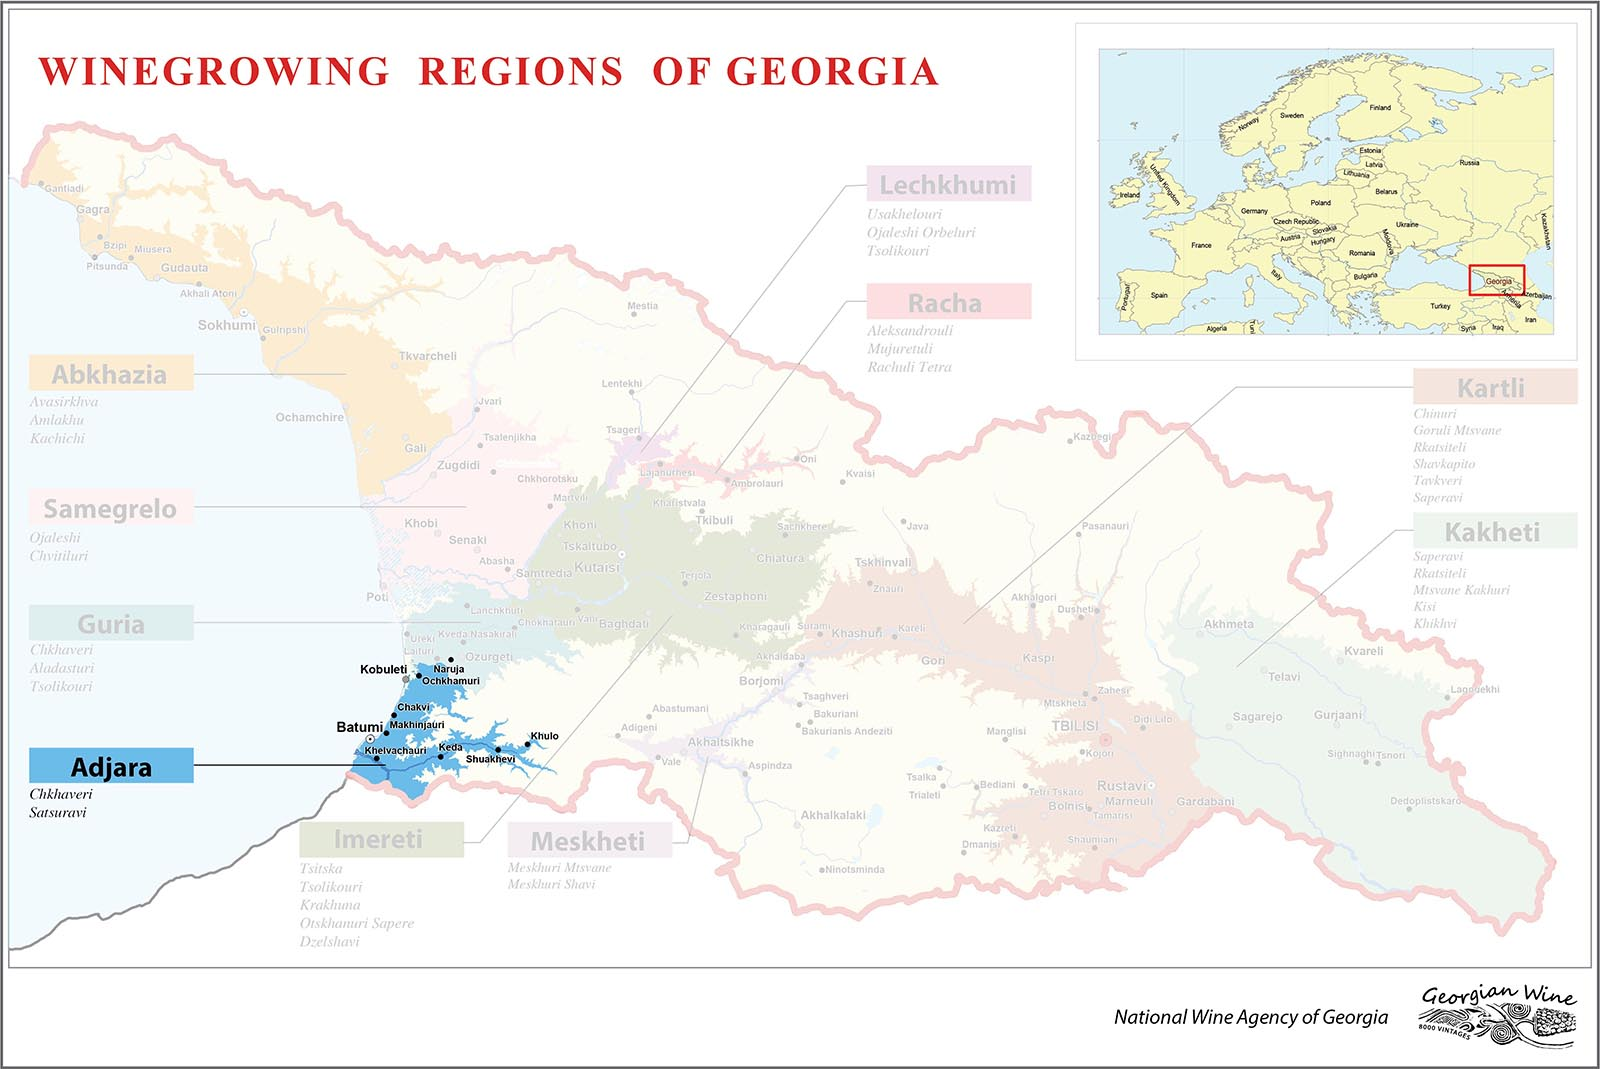 アジャラ地図